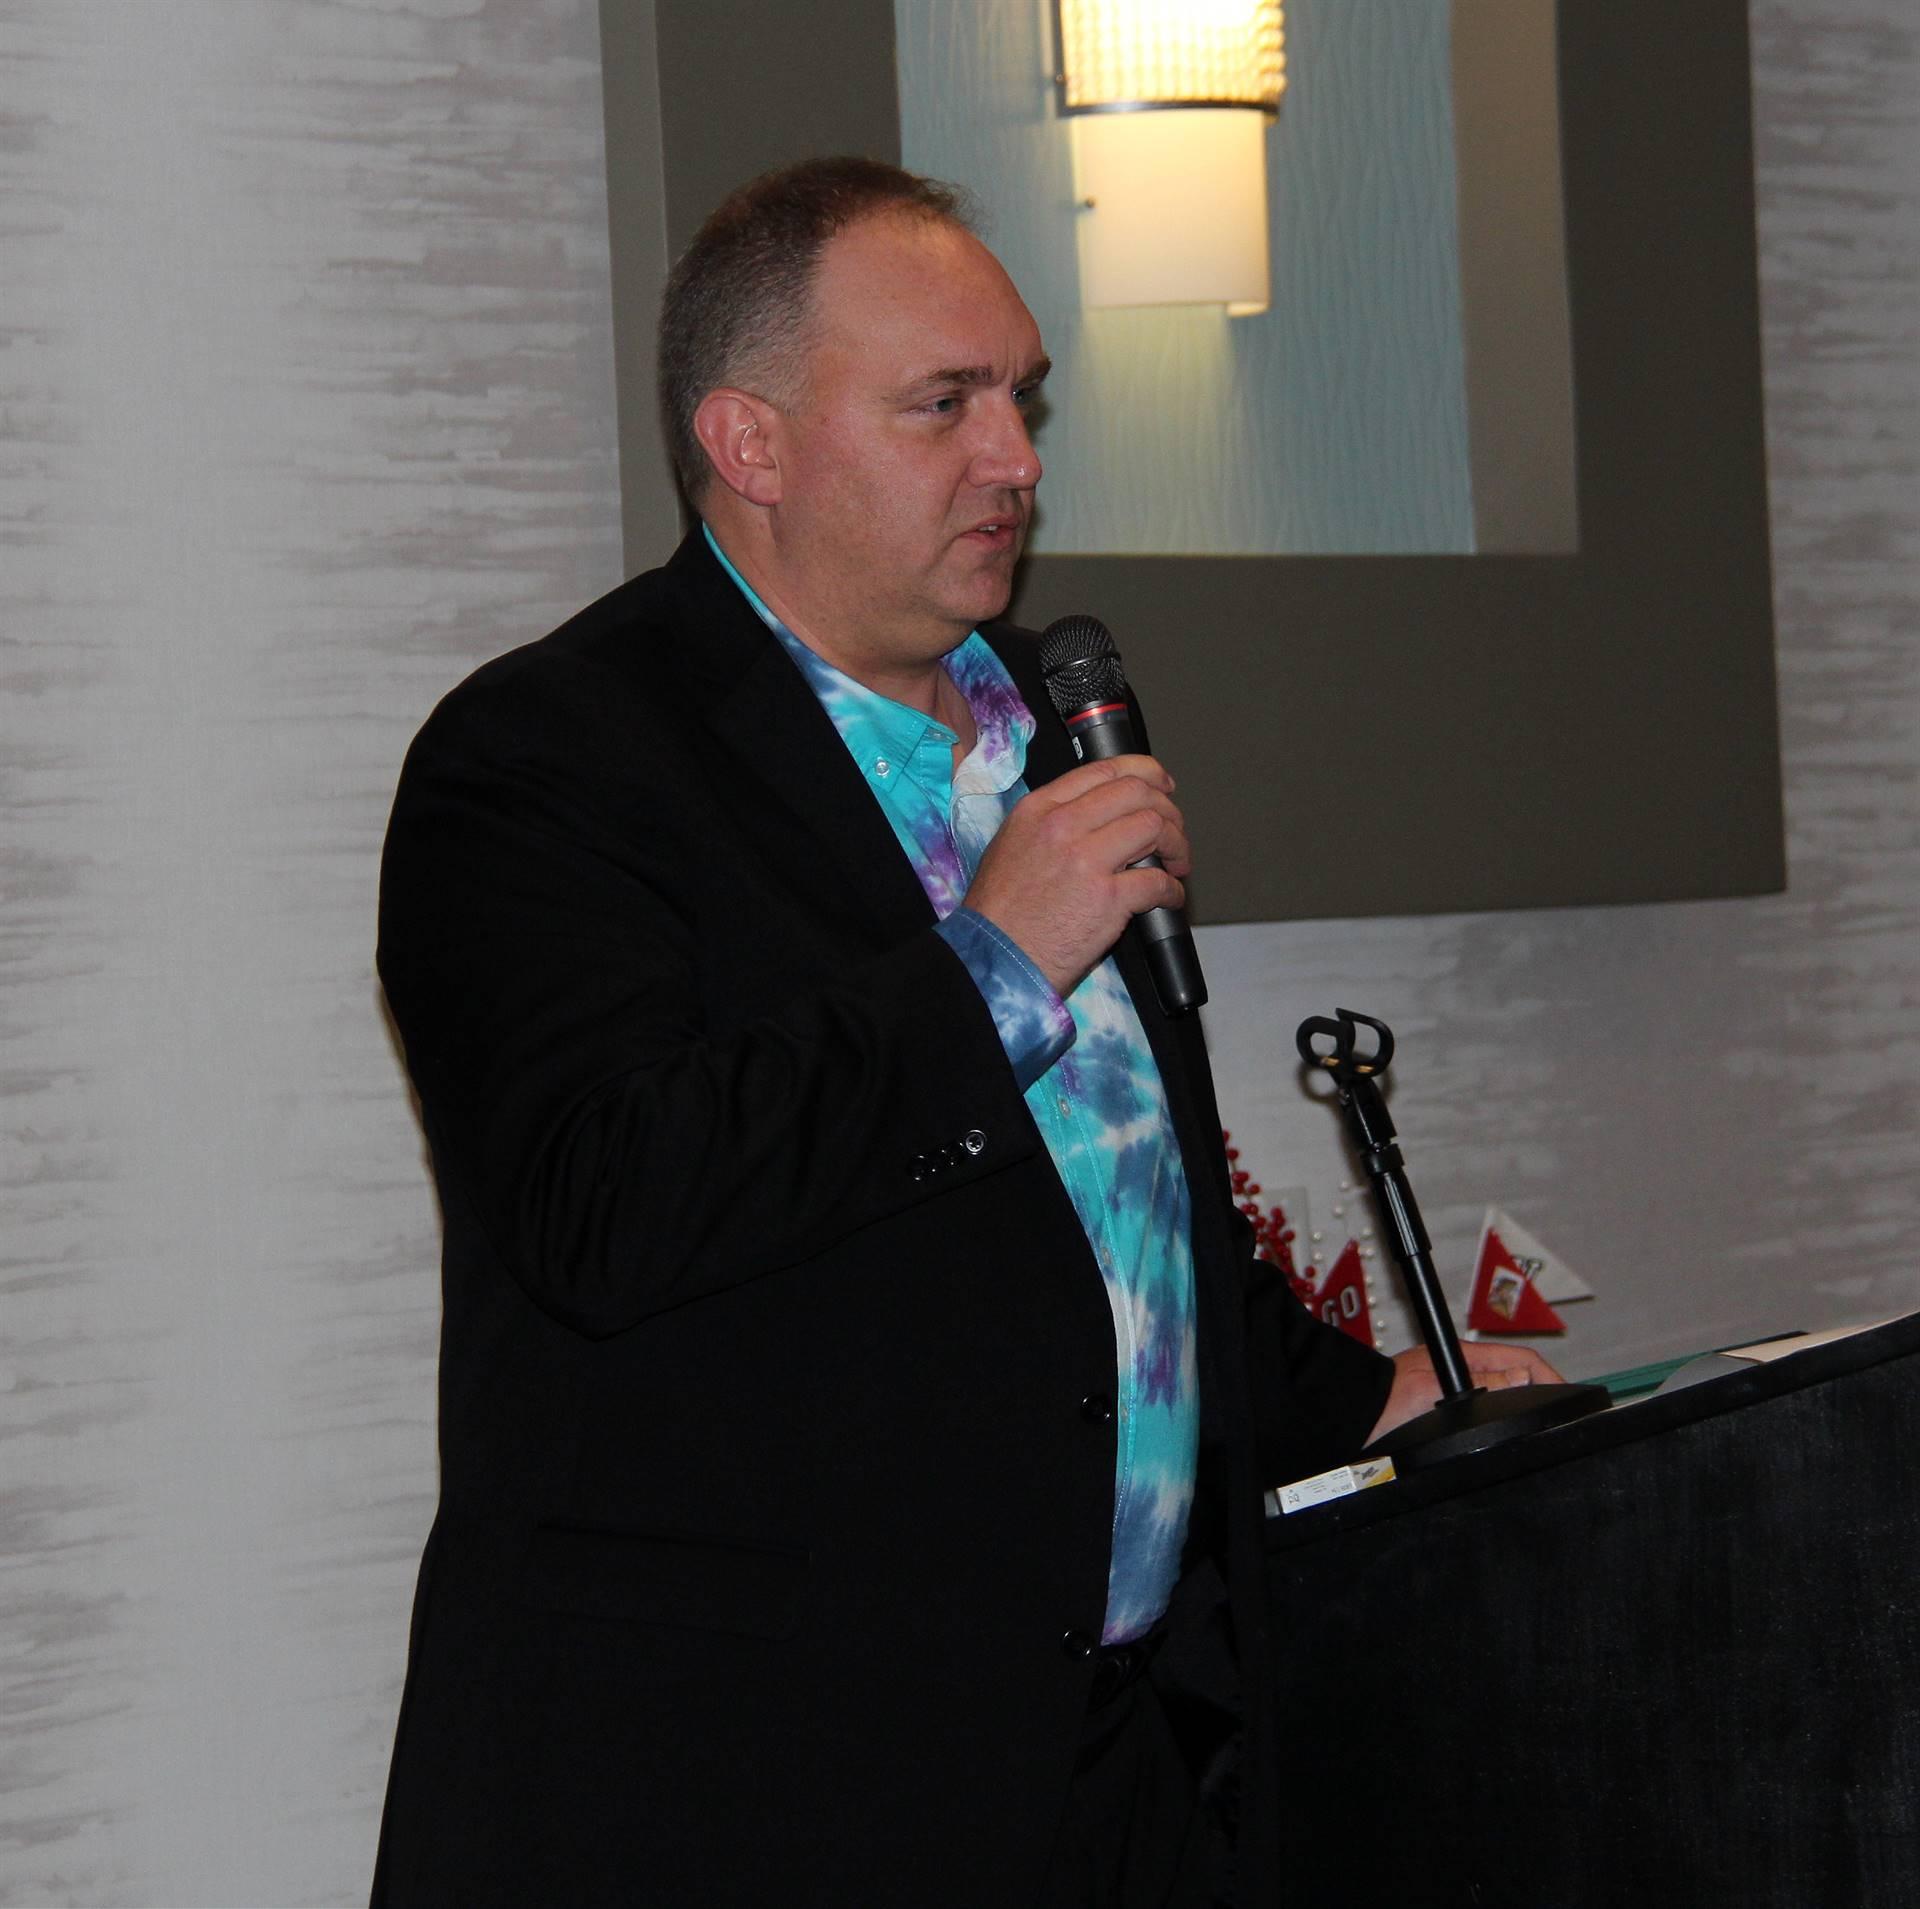 adam cornell giving speech